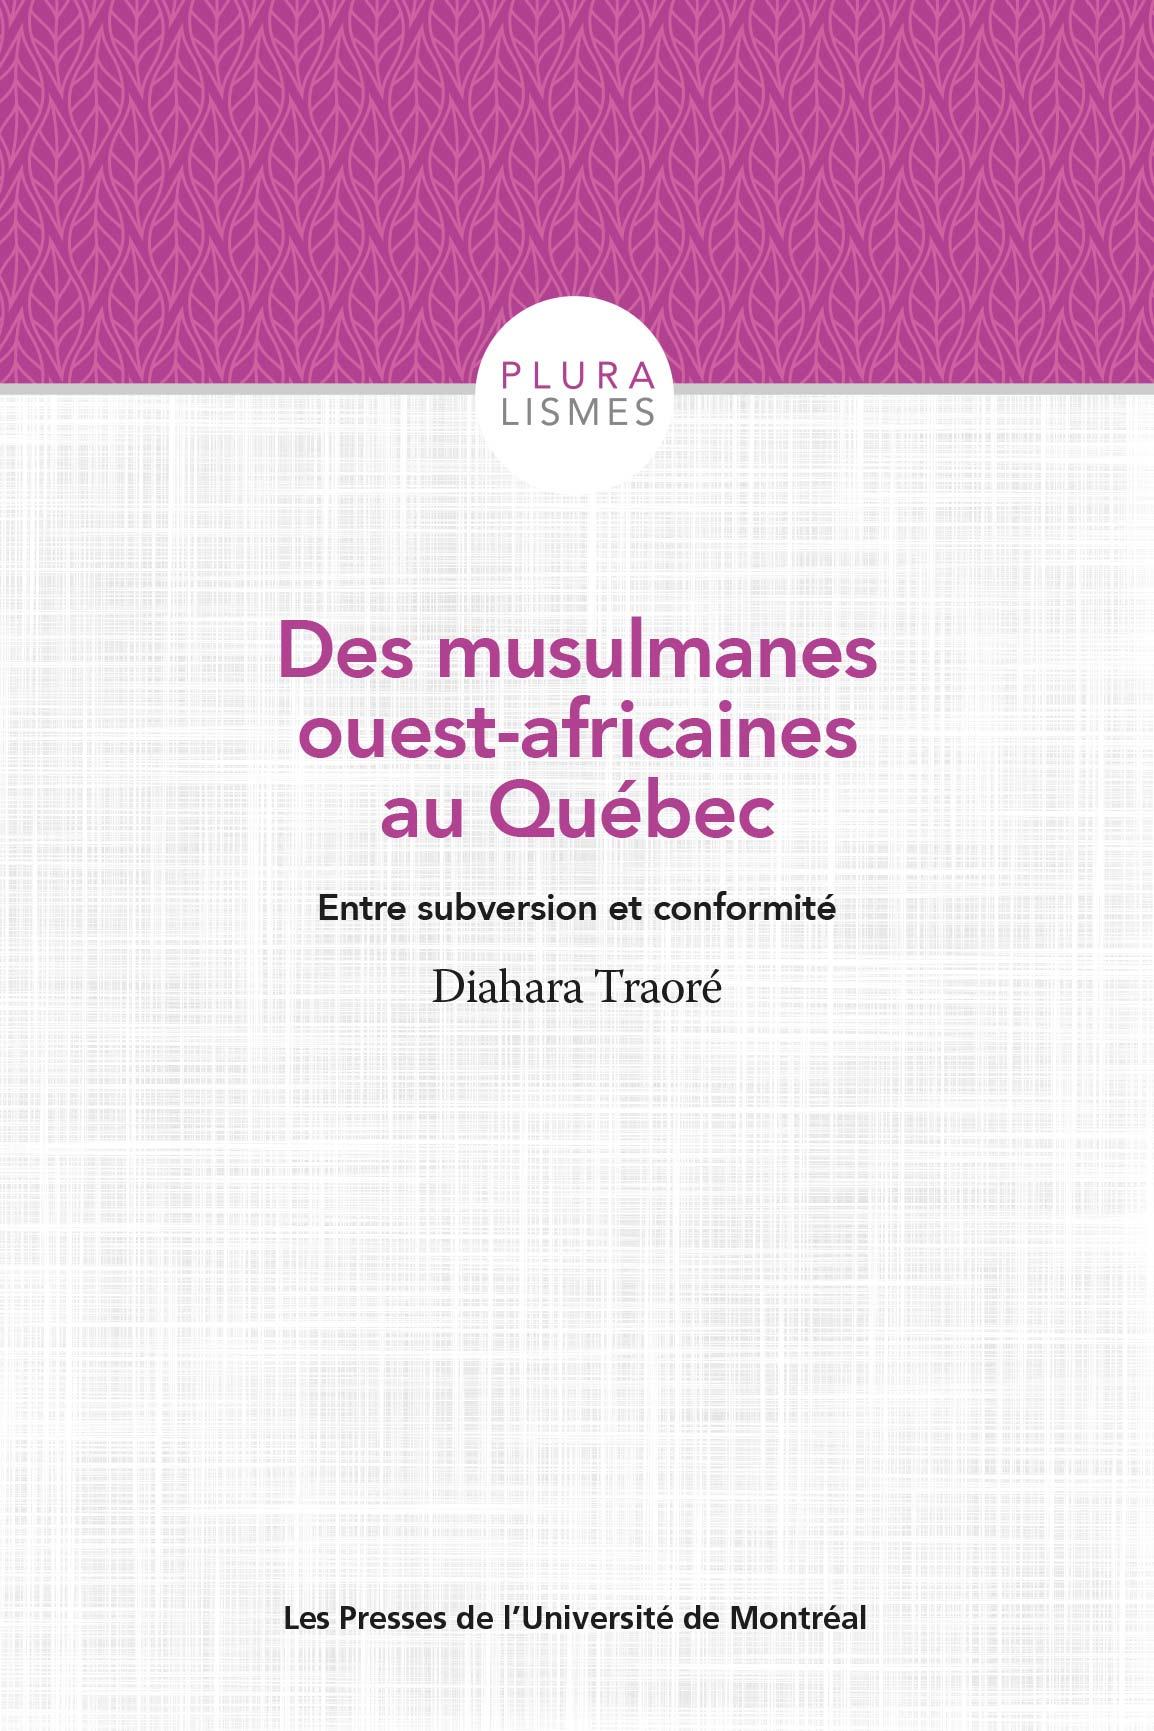 Des musulmanes ouest-africaines au Québec